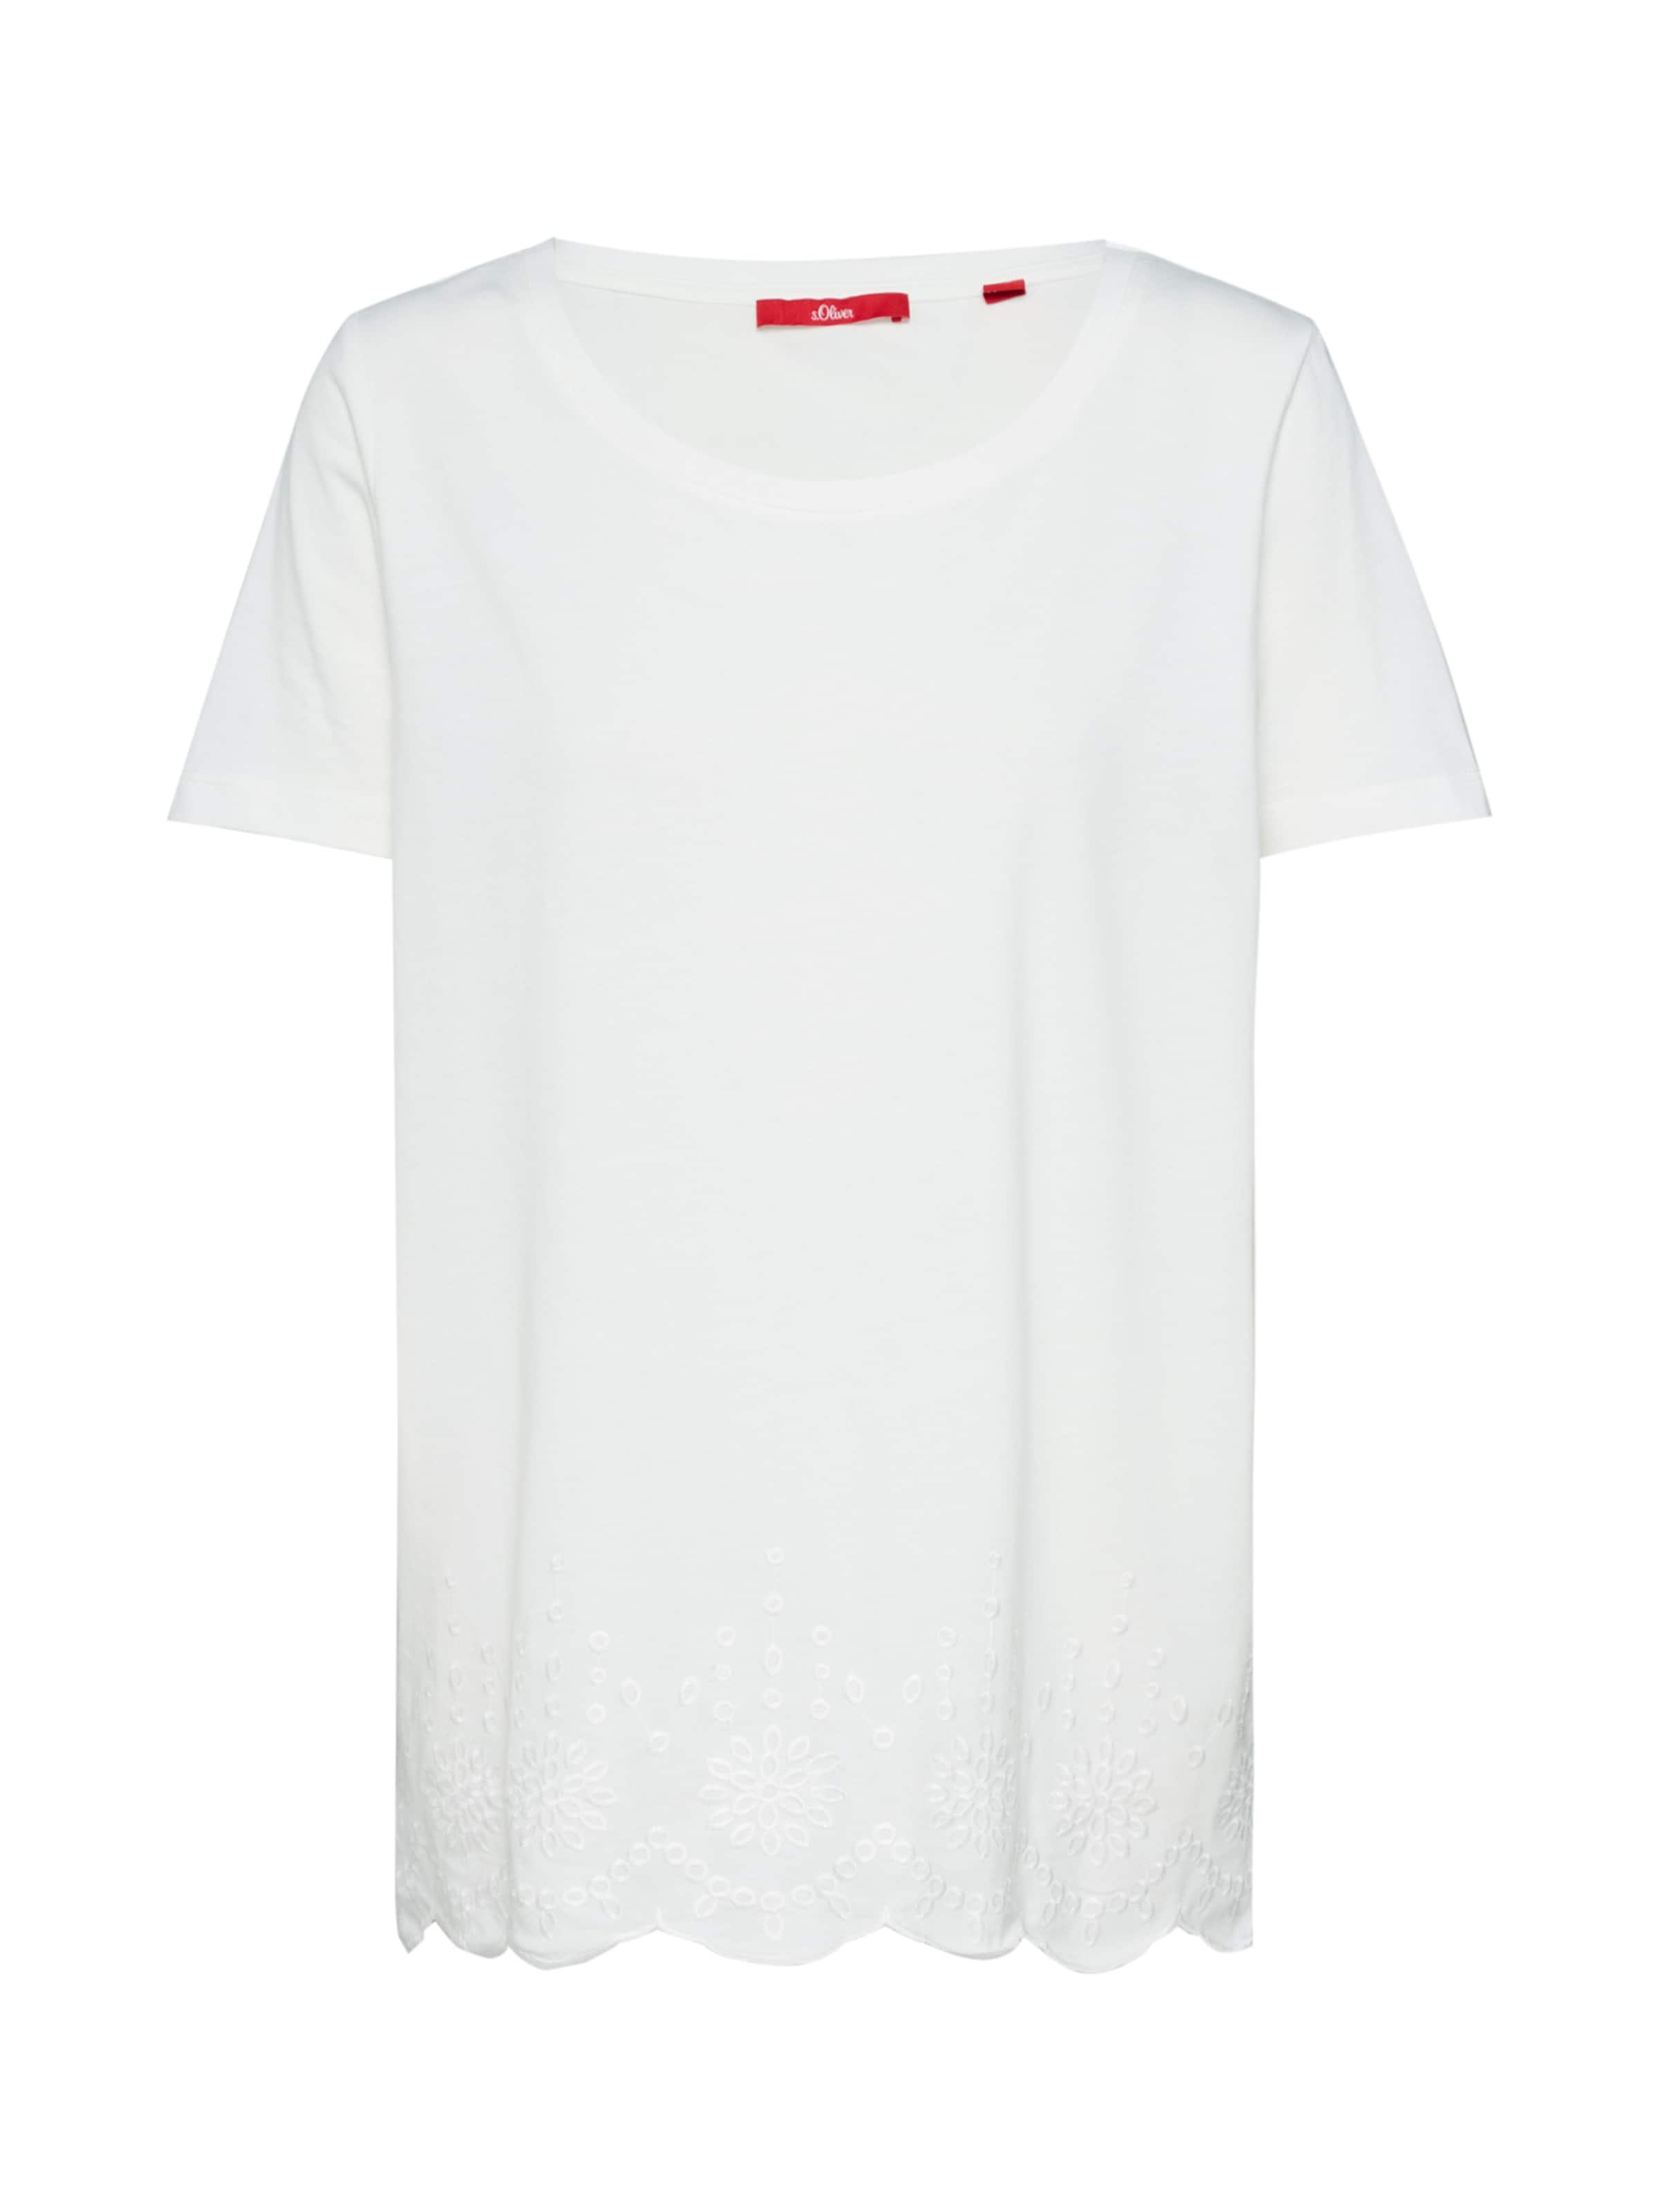 shirt Red En T Bleu Marine Label oliver S TlFK1cJ